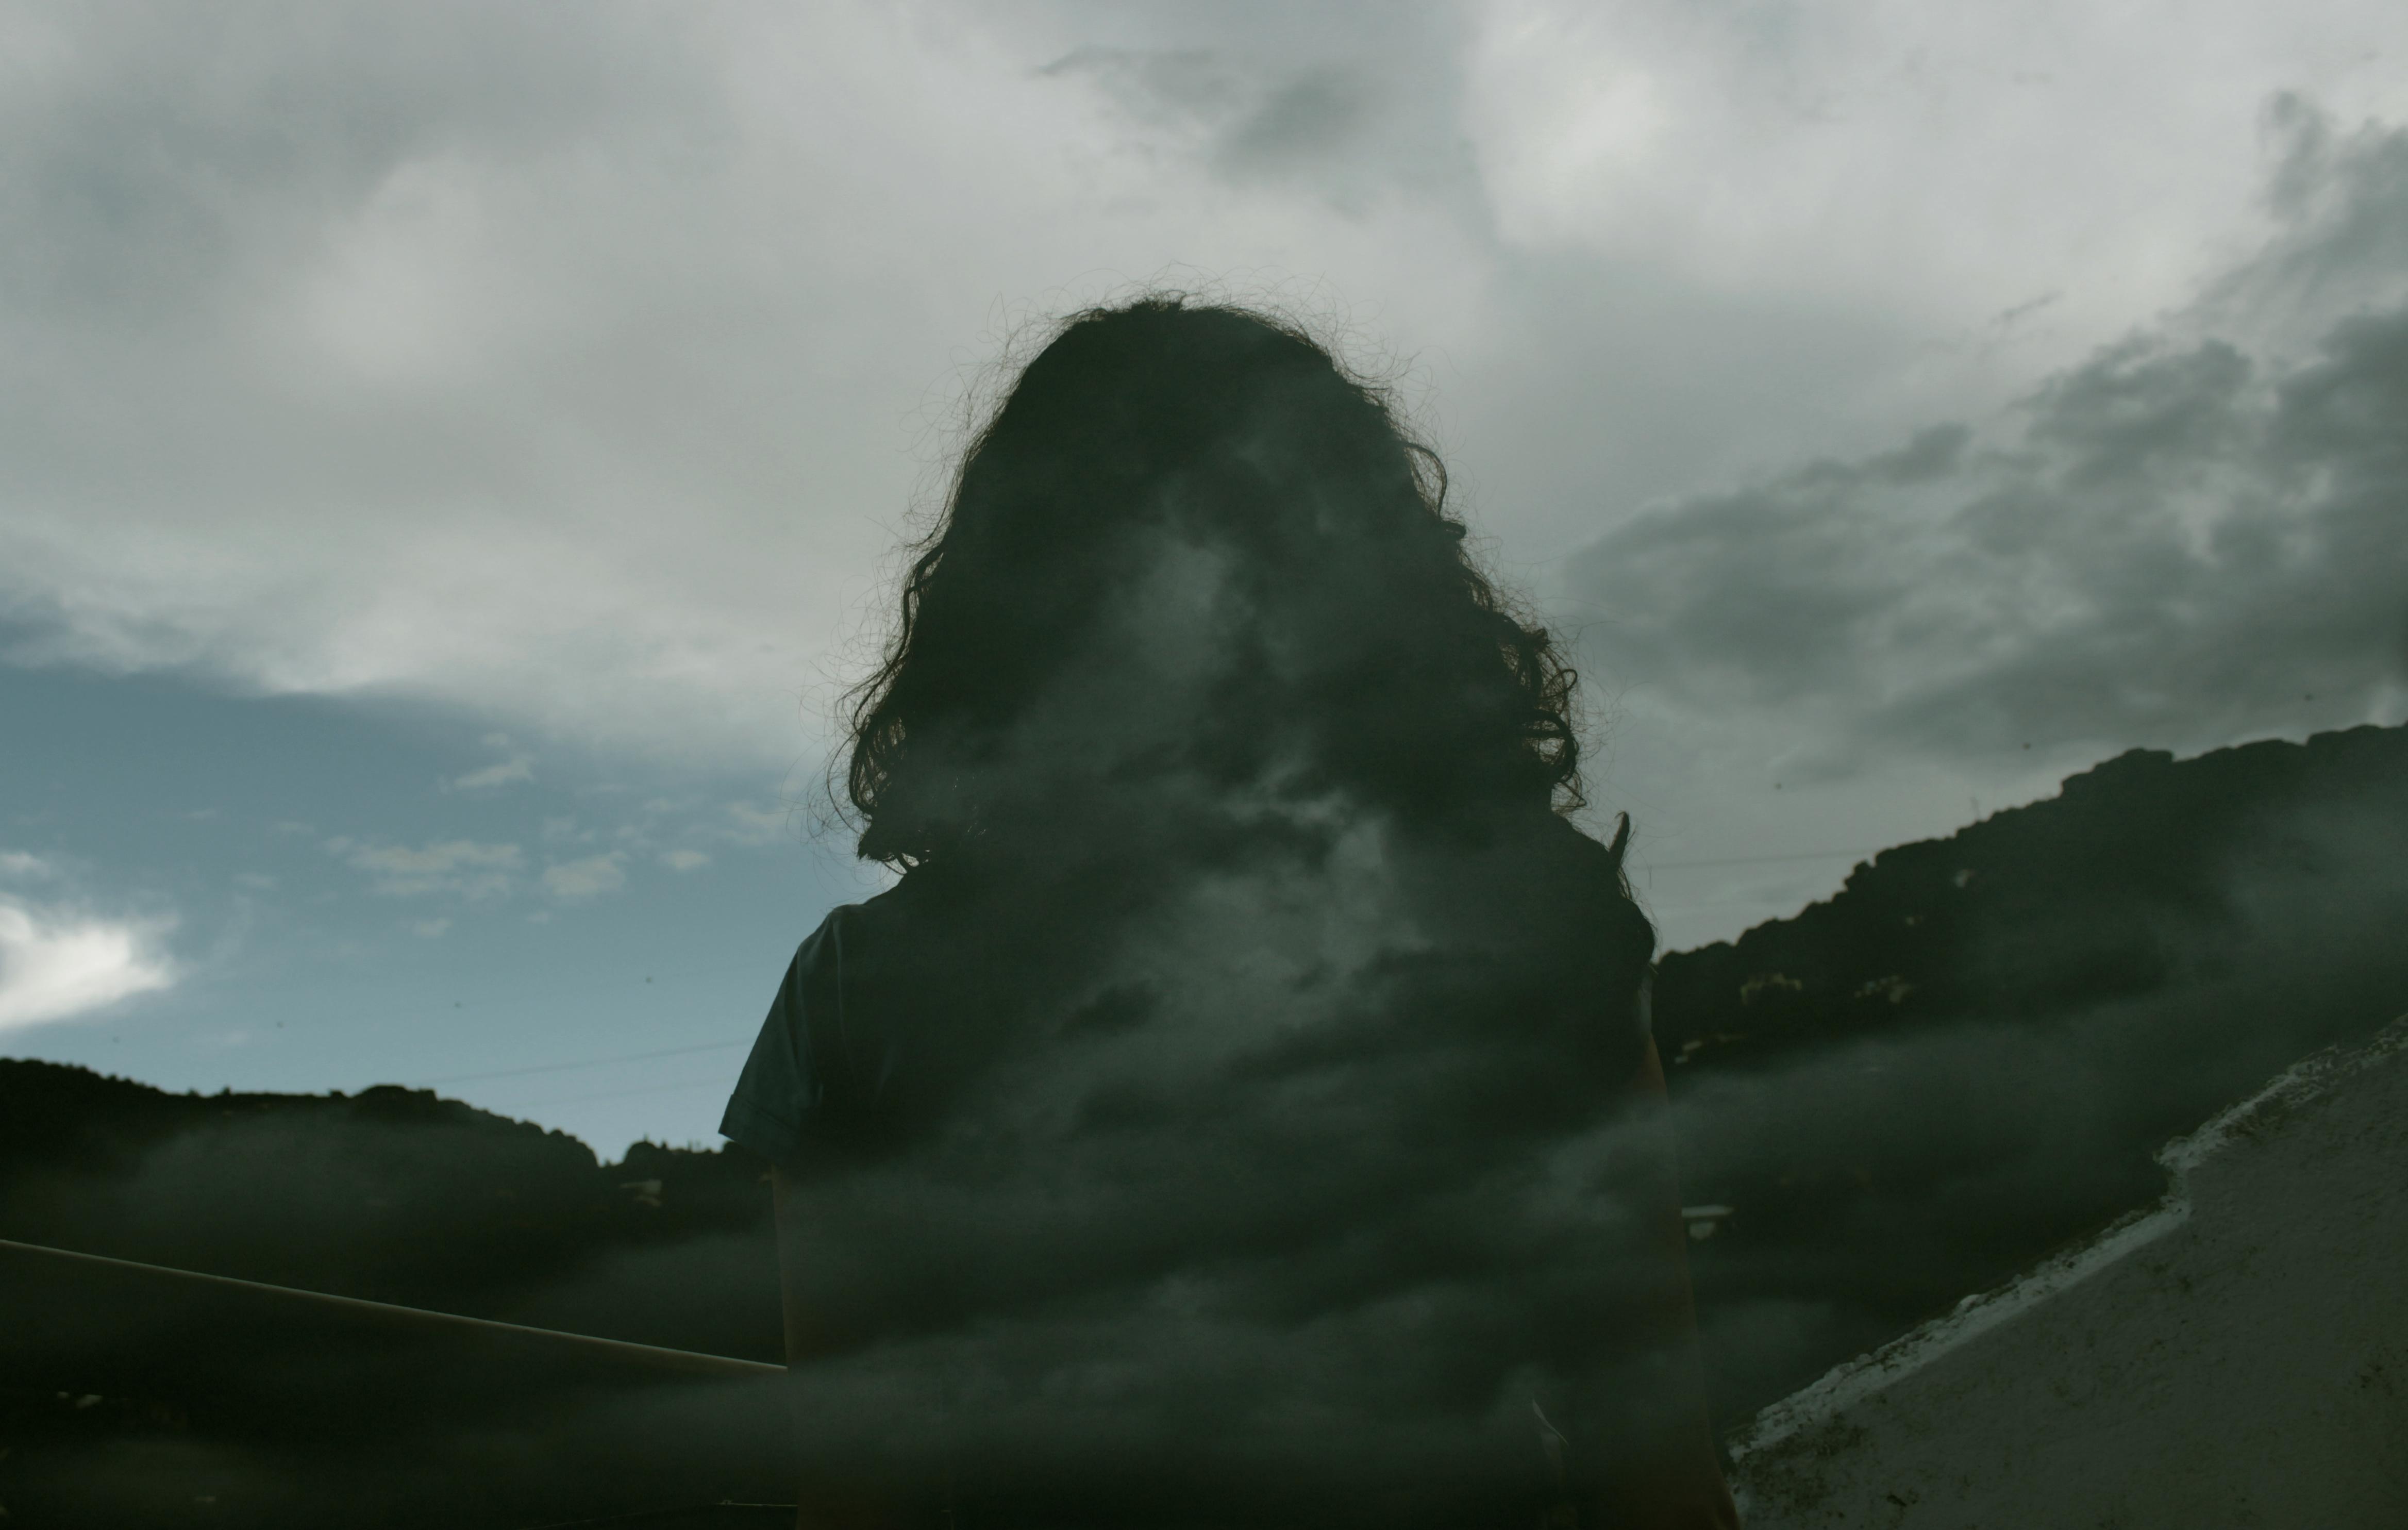 Sfondi Ritratto Nube Tempesta Ragazza Nuvole Digitale